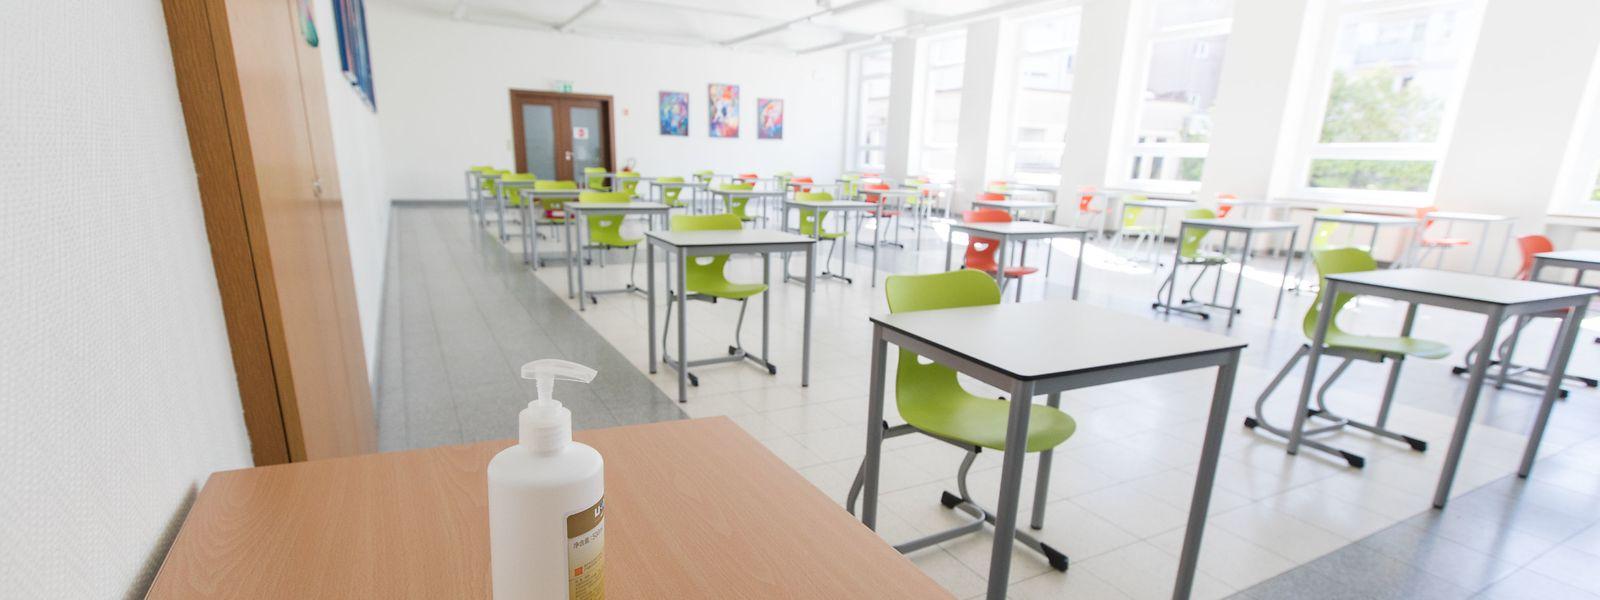 Innerhalb der Klassensäle muss ein Sicherheitsabstand von zwei Metern eingehalten werden.